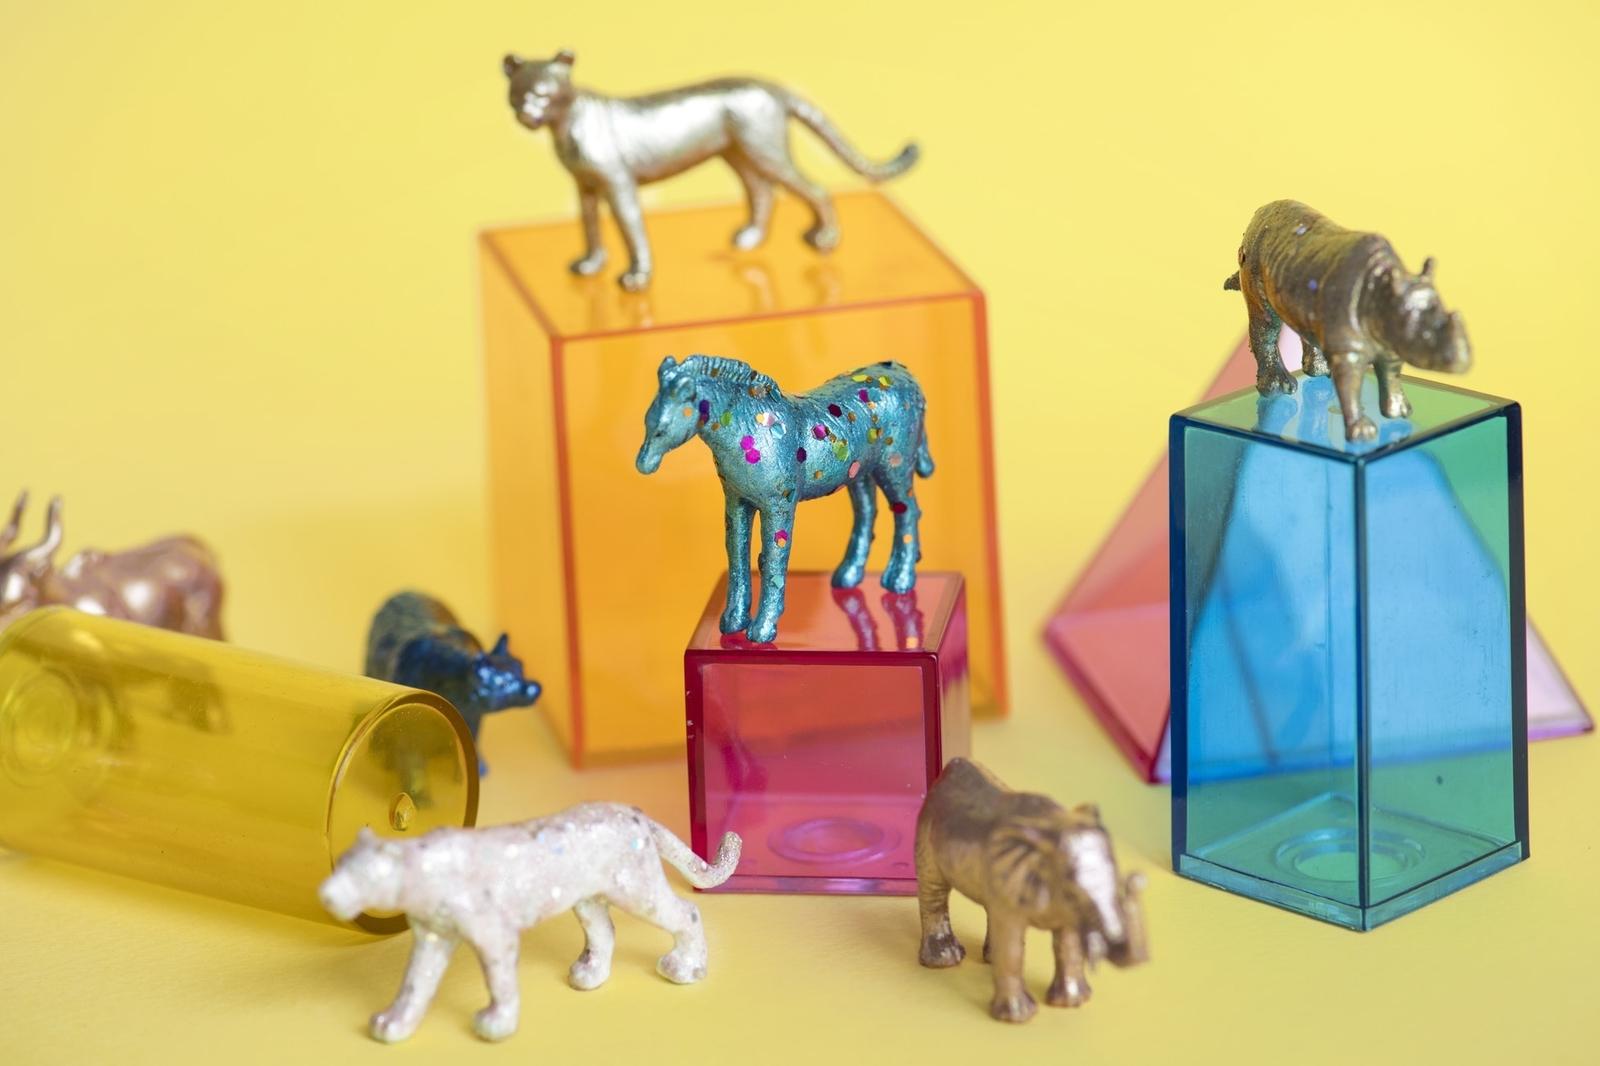 edukacyjne gry planszowe o zwierzętach, planszówki dla dzieci i dorosłych, nauka i zabawa, cardline zwierzęta, dinozaury, timeline, fauna,